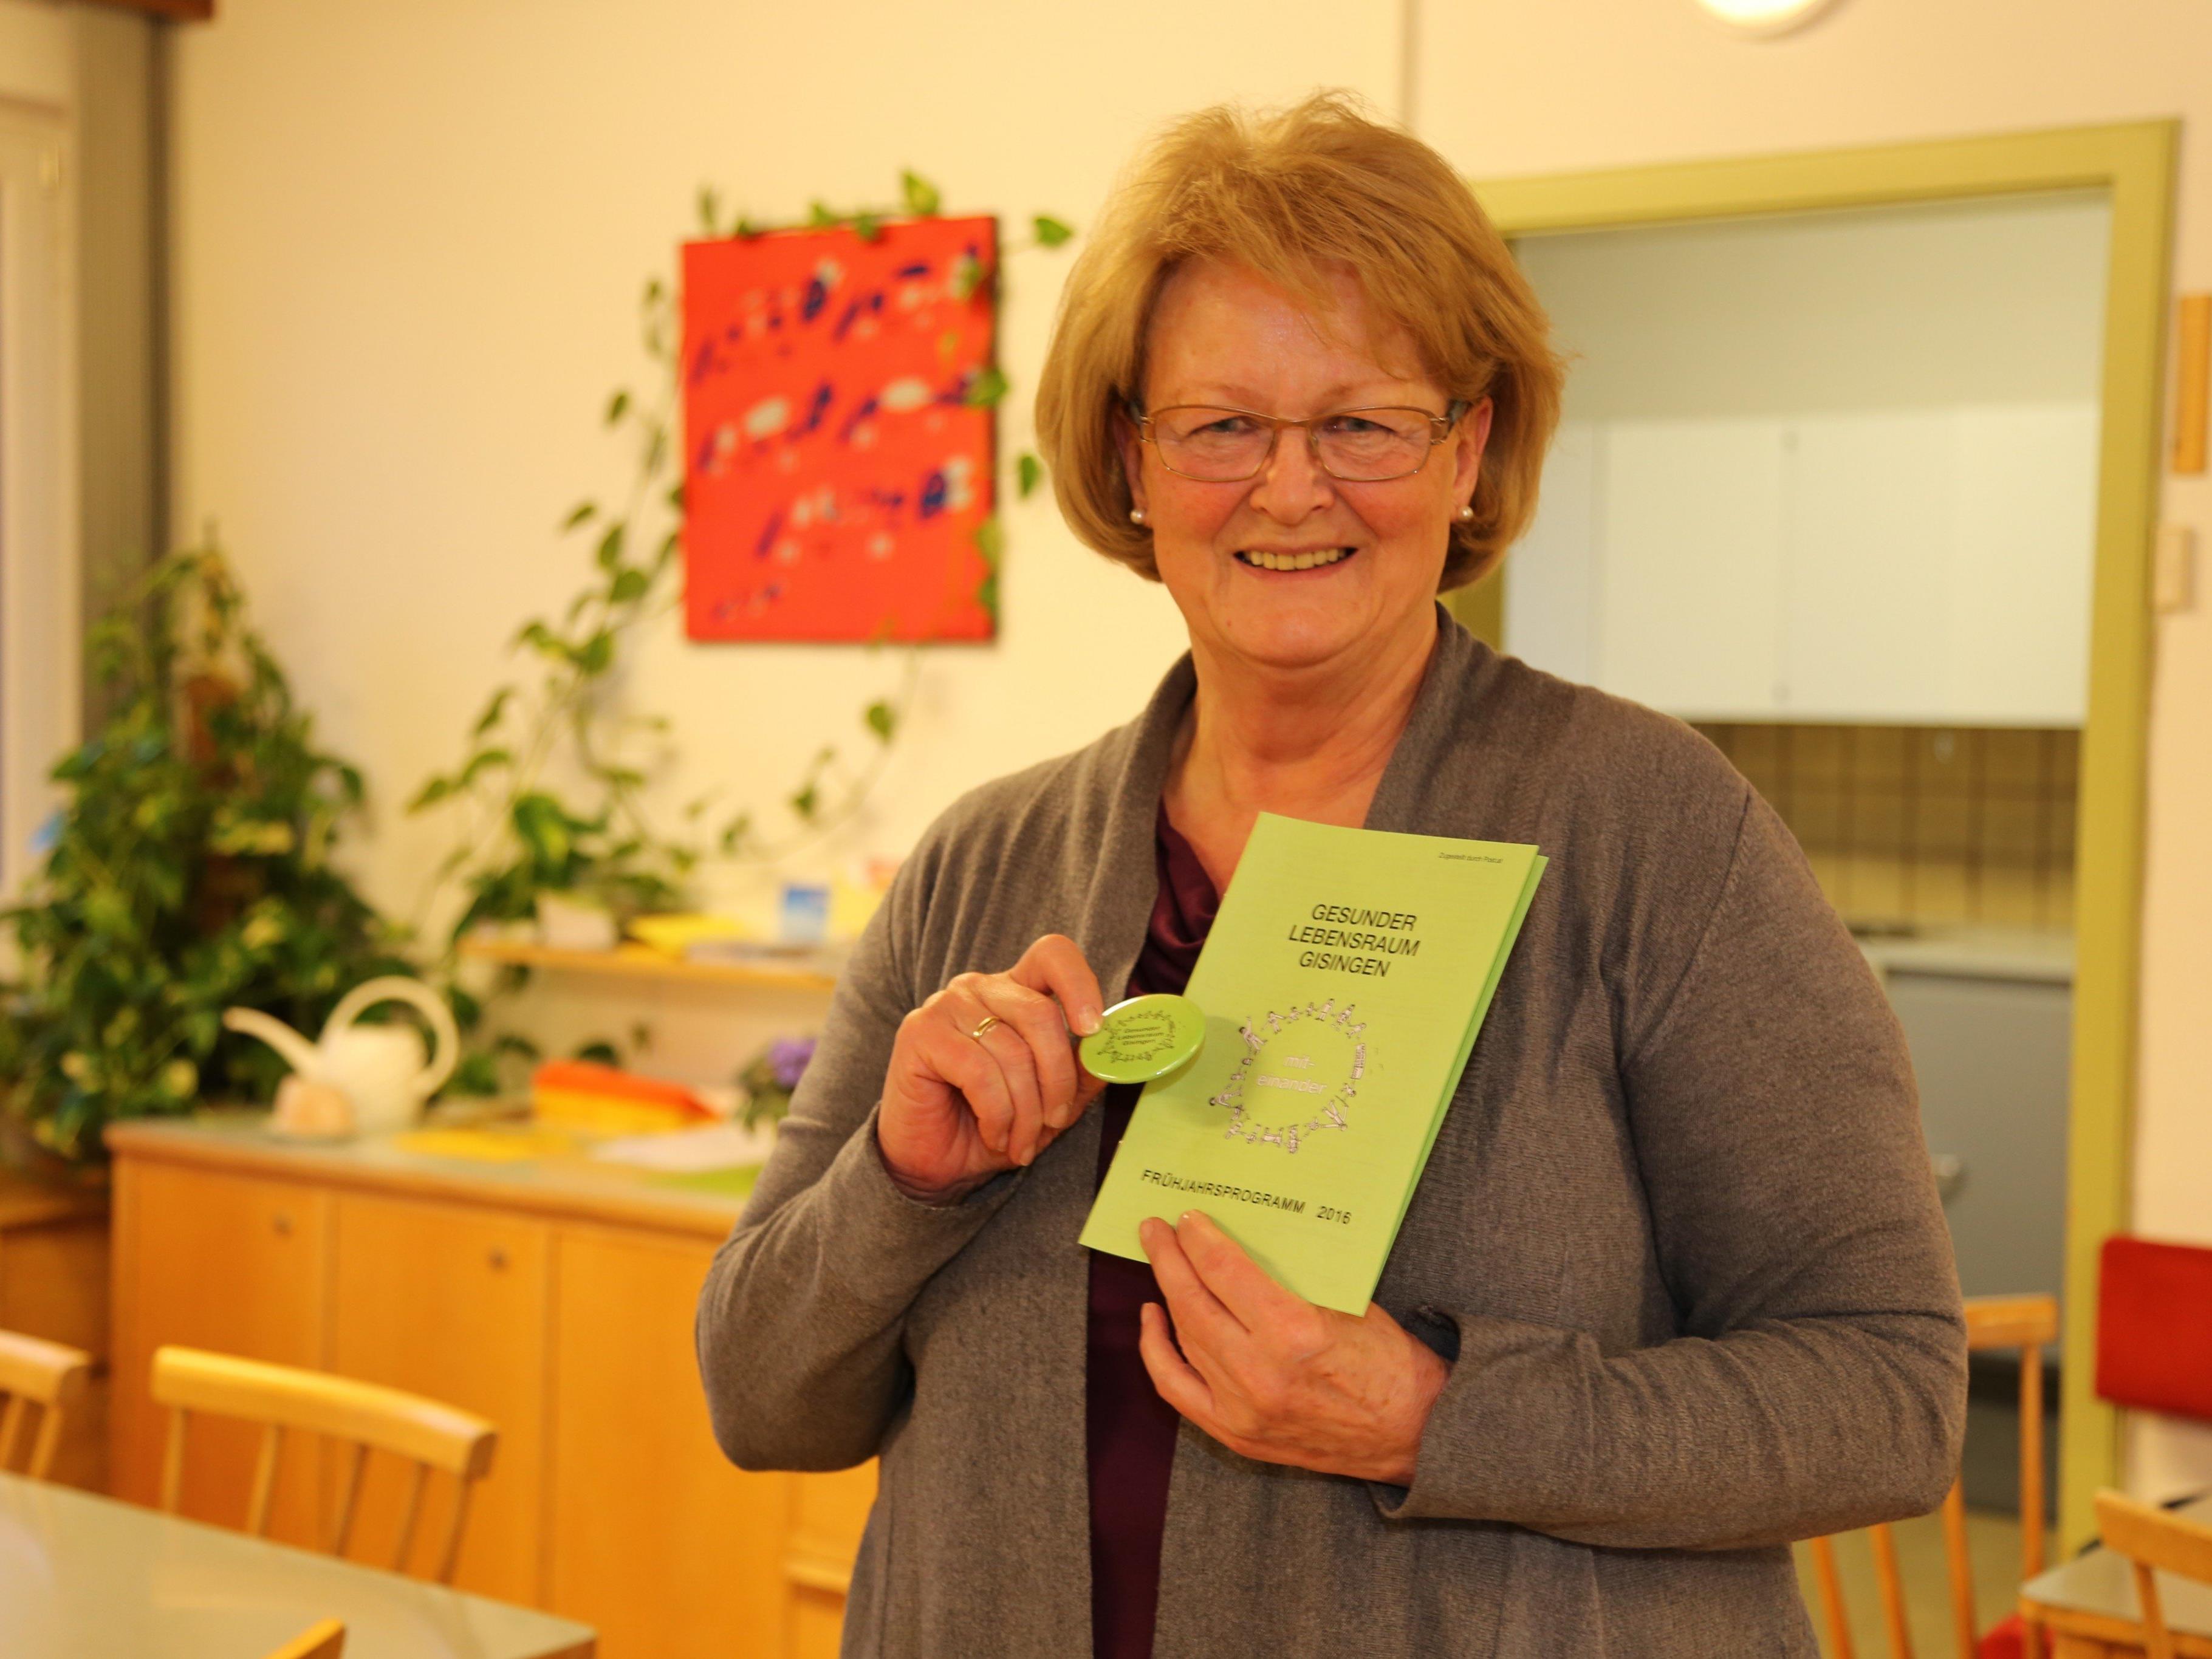 Friedl Haueis koordiniert die Besuchsdienste für das Haus Gisingen.